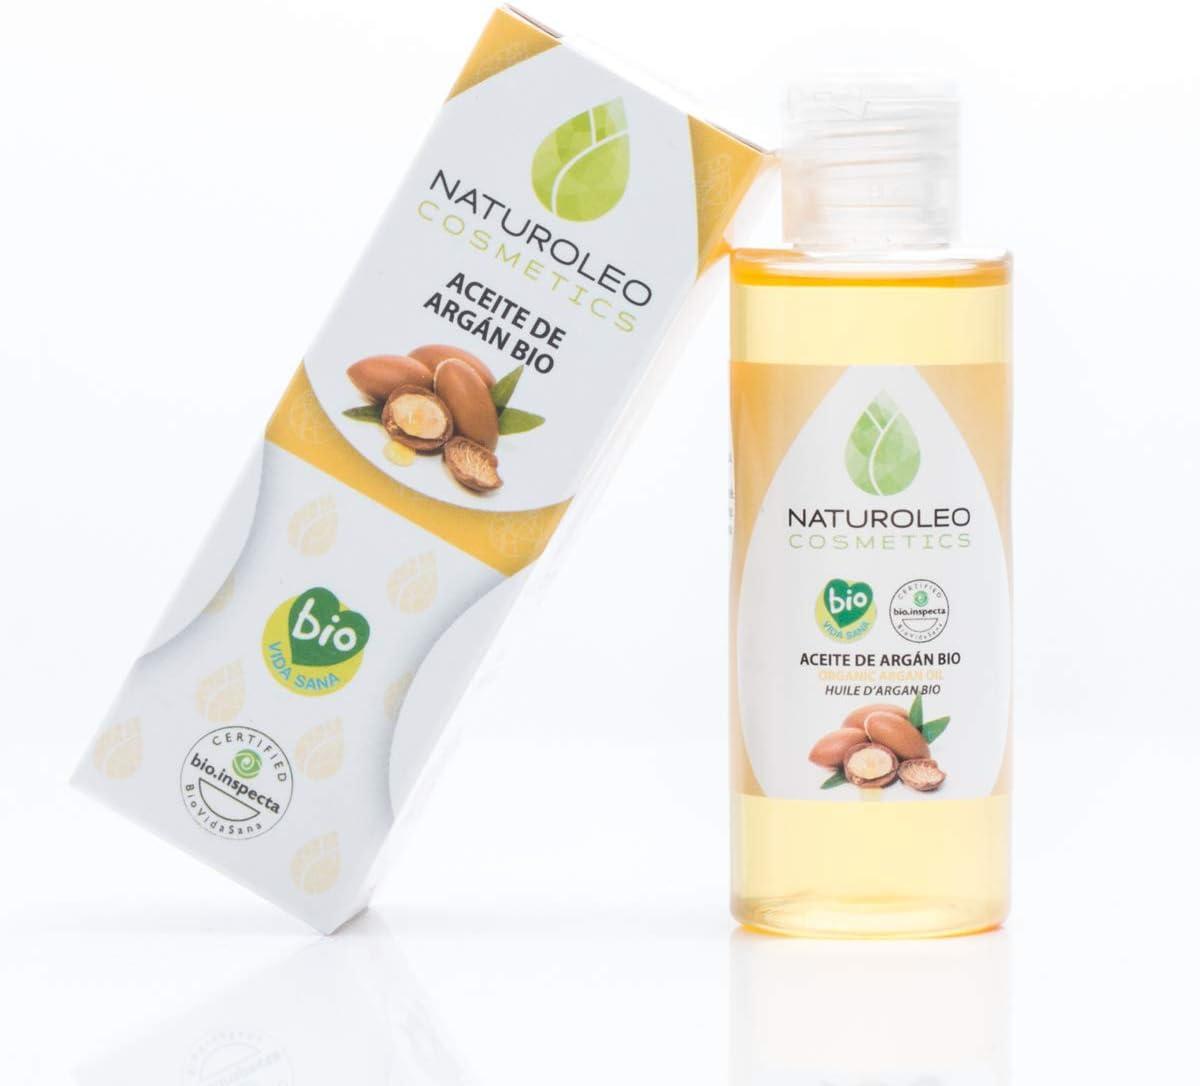 Naturoleo Cosmetics - Aceite Argán BIO - 100% Puro y Natural Ecológico Certificado - 50 ml